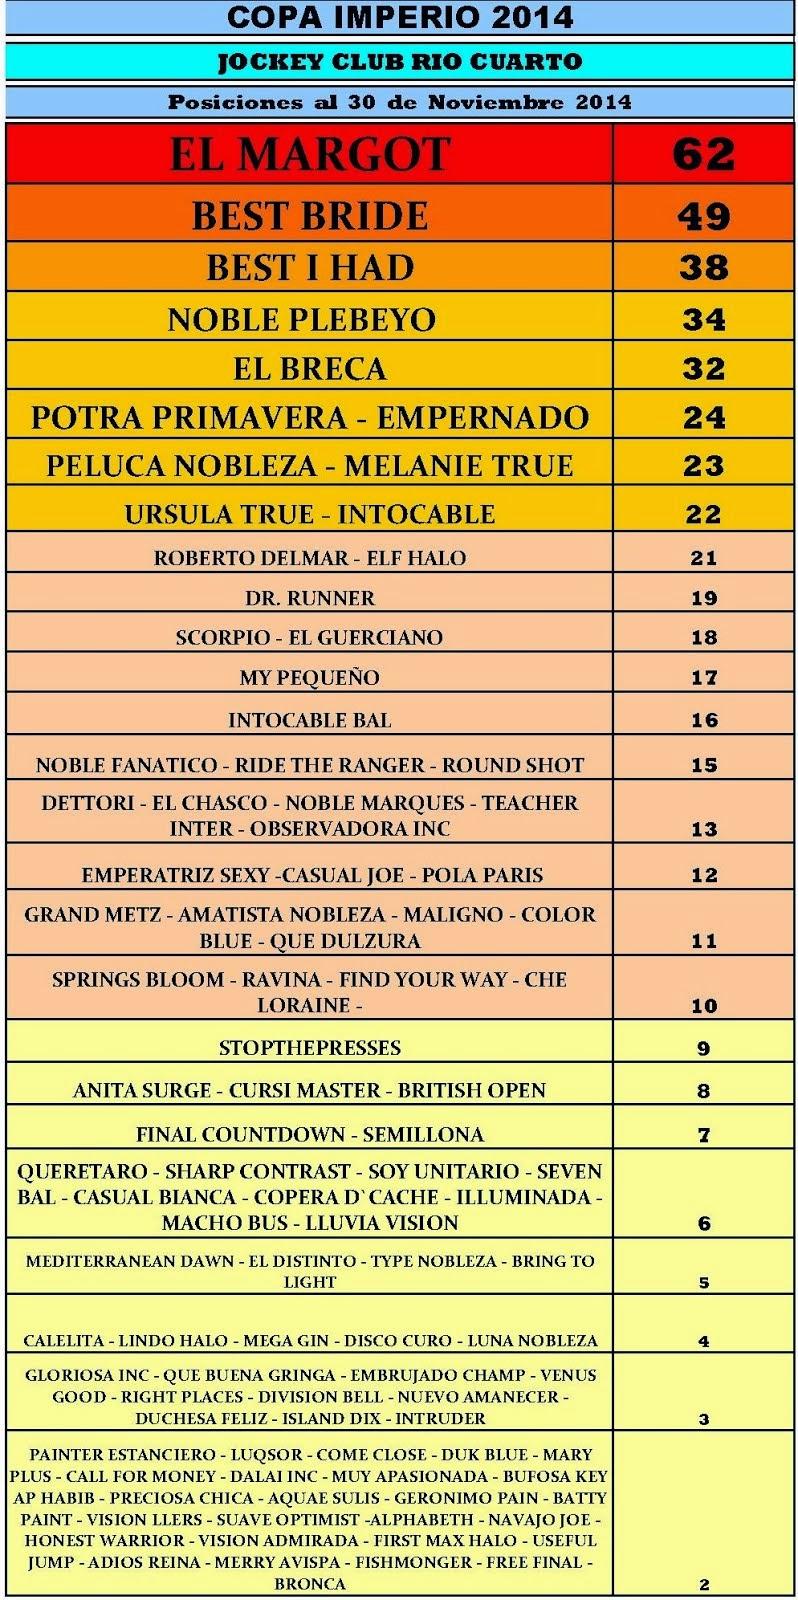 Copa Imperio 2014 - 30 NOV